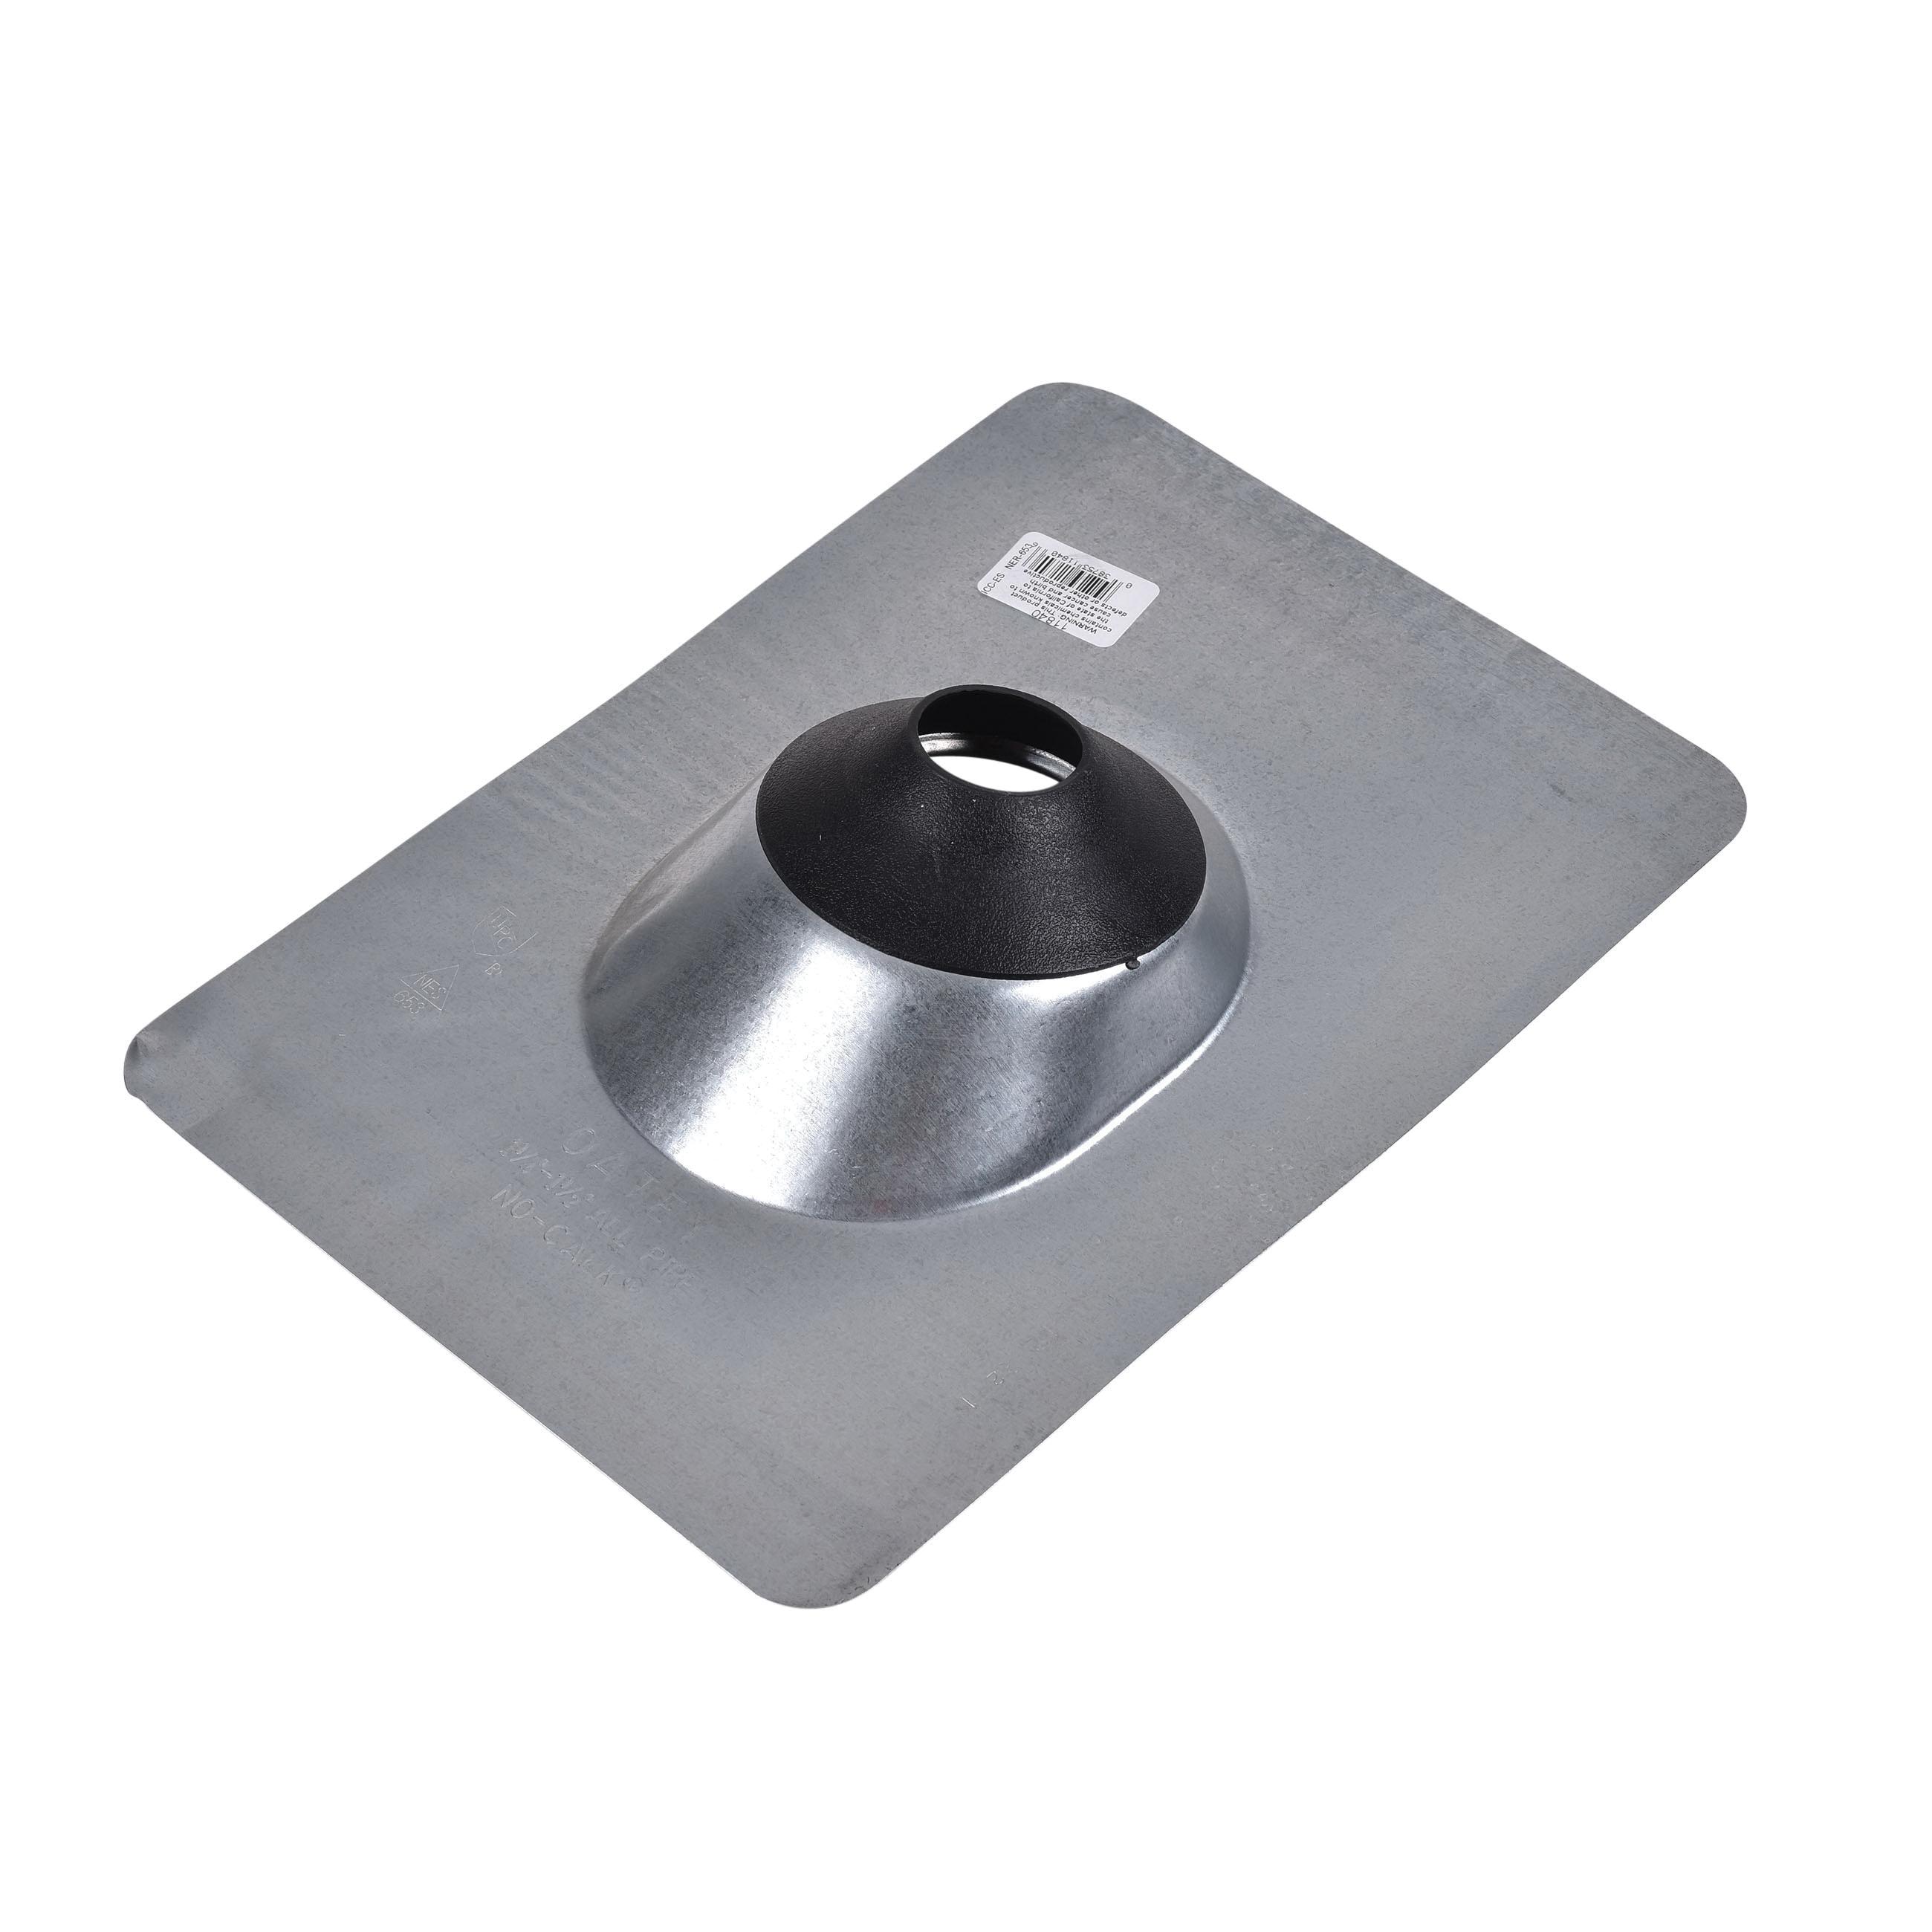 Oatey® No-Calk® 11840 Roof Flashing, Steel, 1 in Pipe, 9 in W x 12-1/2 in L Base, Domestic